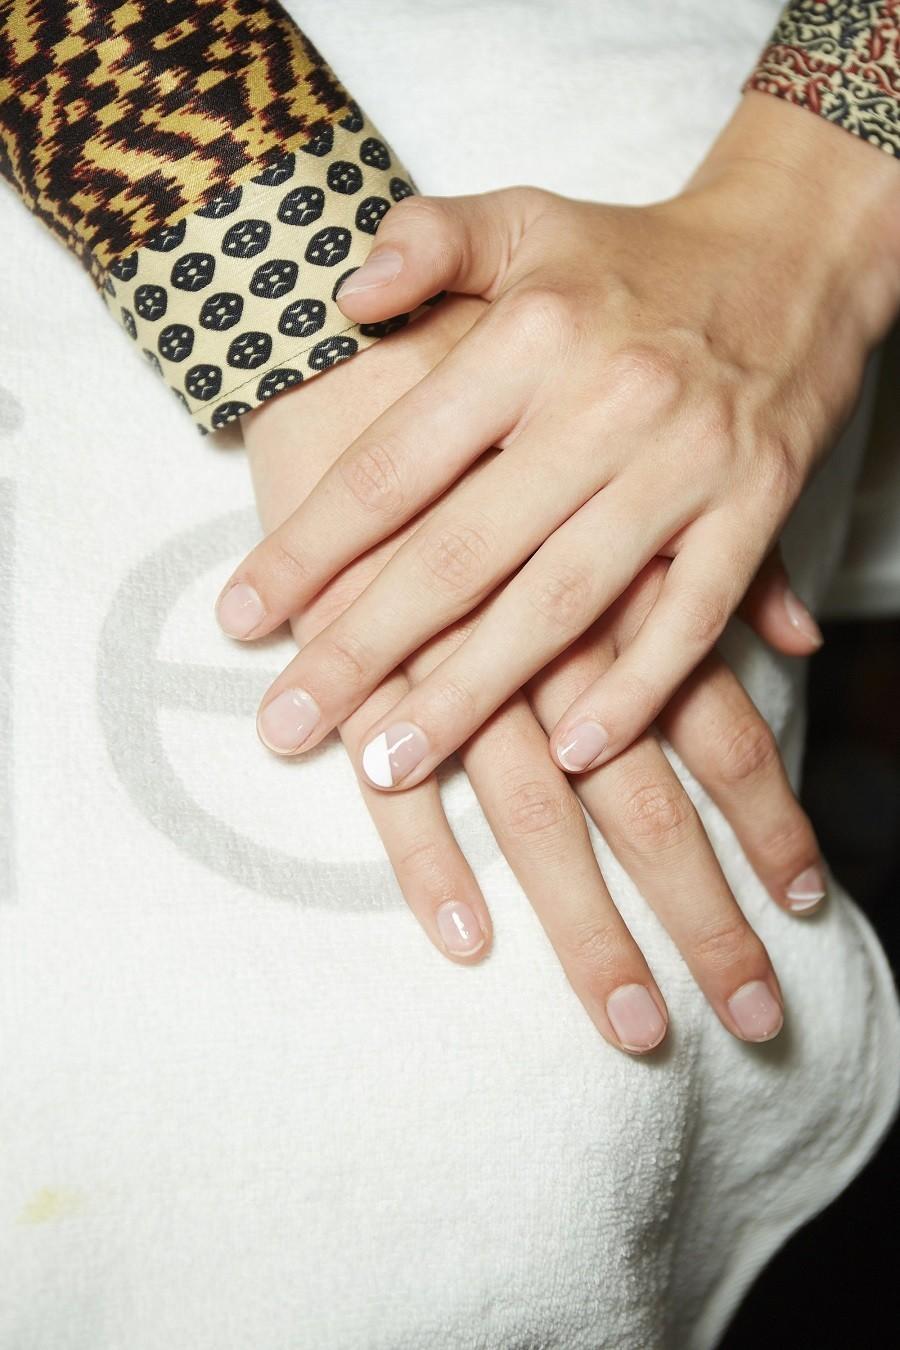 hbz-nails-essie-fw-sep18-monse-051-1536935939-4tdaA.jpg